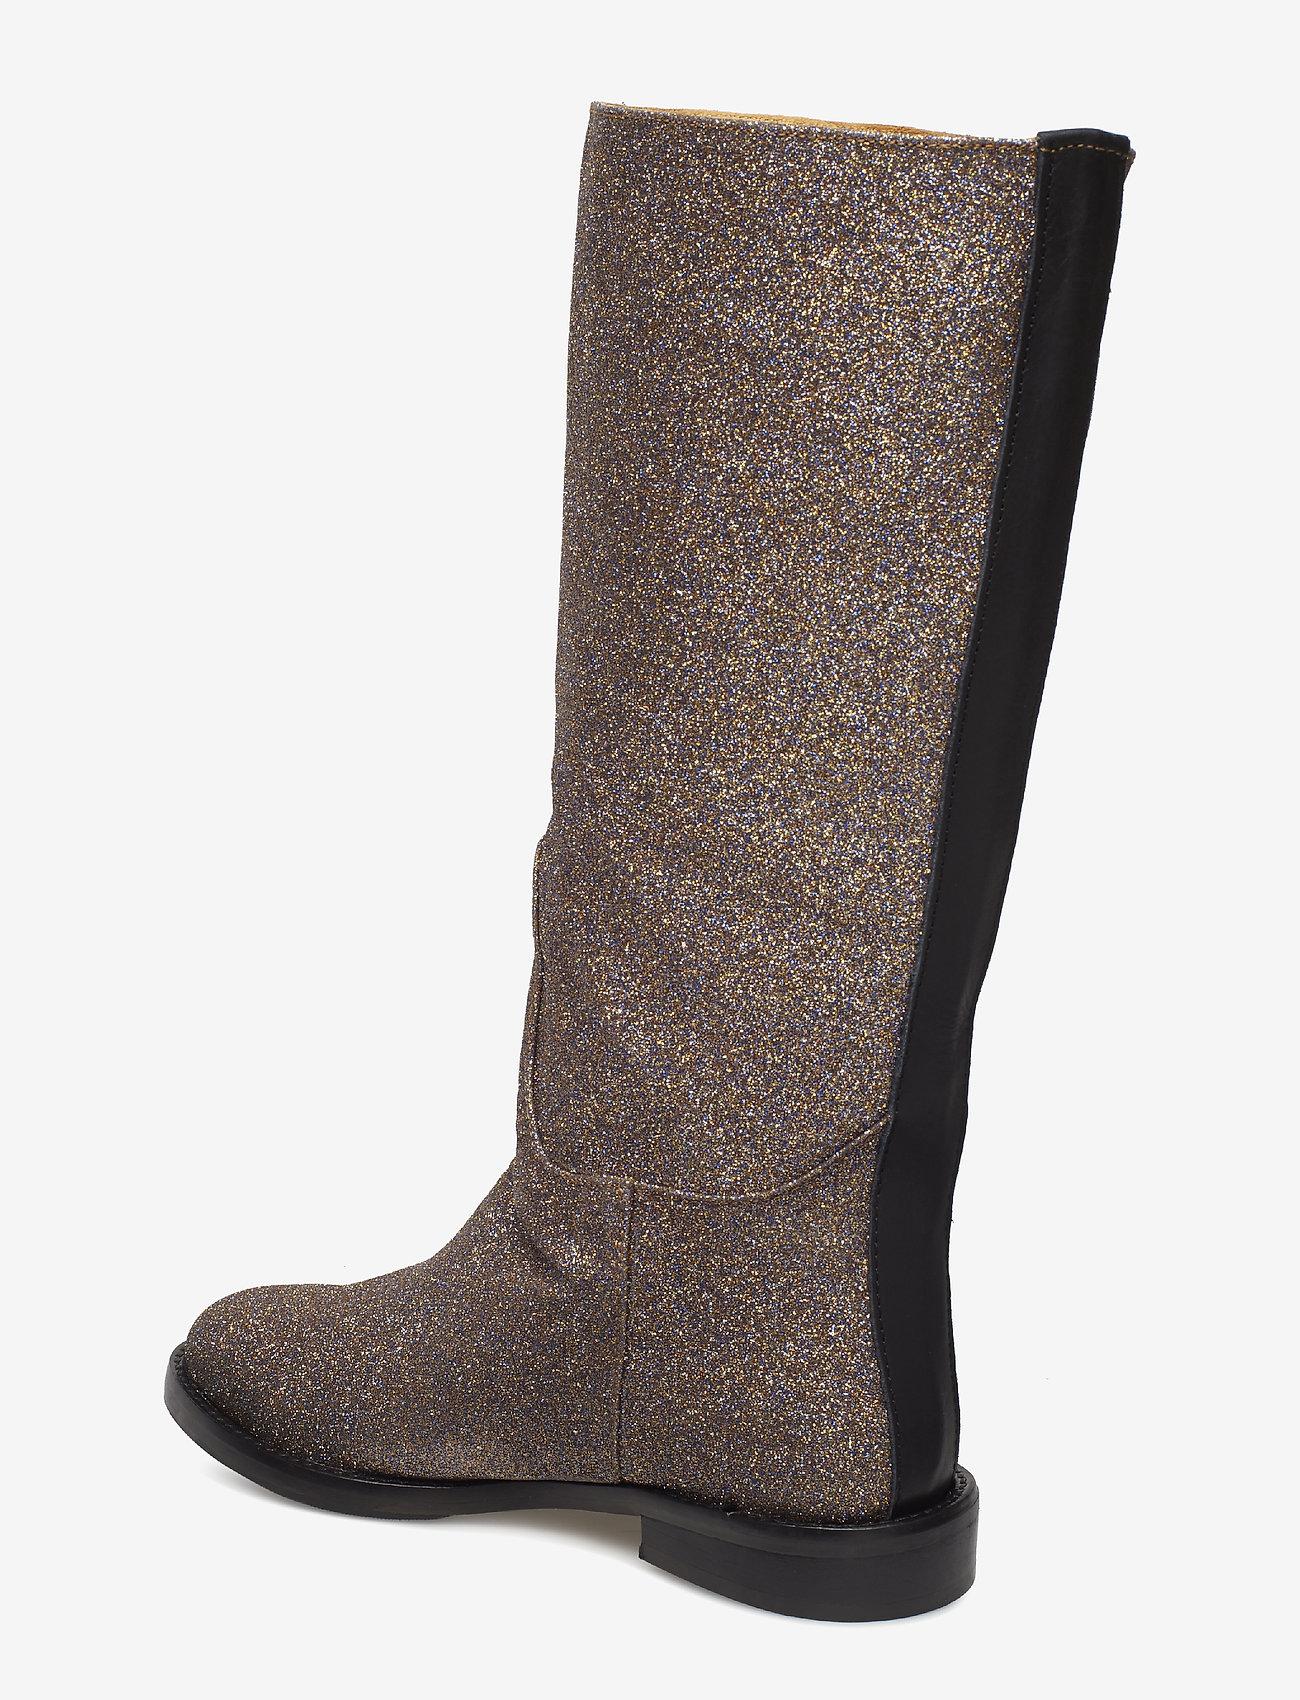 Kasia, 455 Glitter Shoes (Violeta Glitter) - STINE GOYA